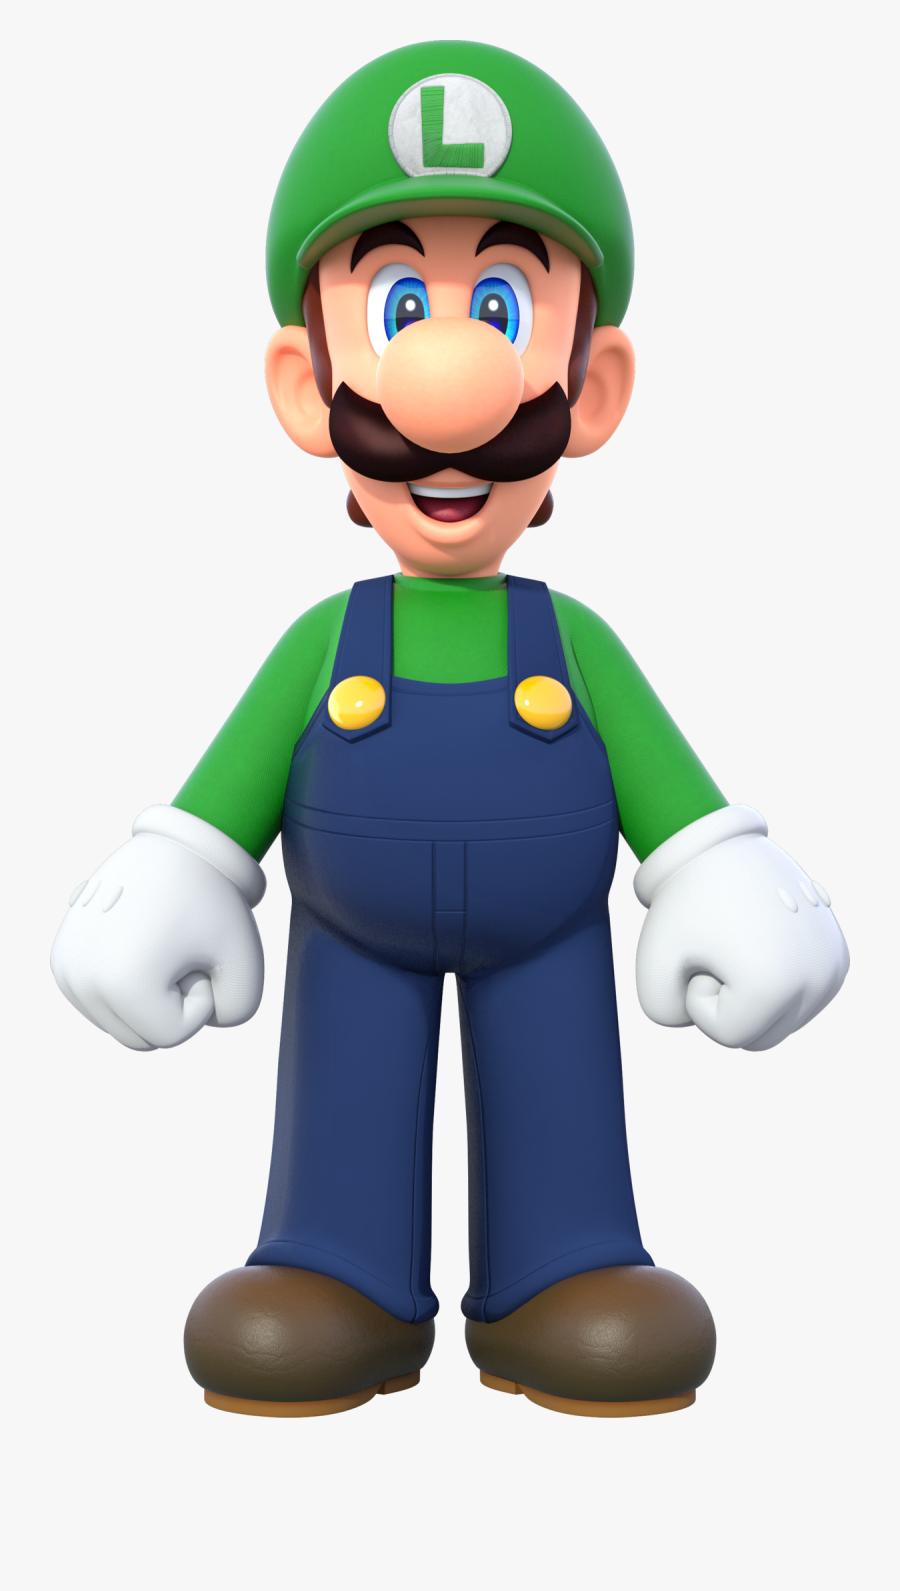 Mario Bros, Luigi Super Mario Wiki The Mario Encyclopedia - New Super Mario Bros U Deluxe Luigi, Transparent Clipart